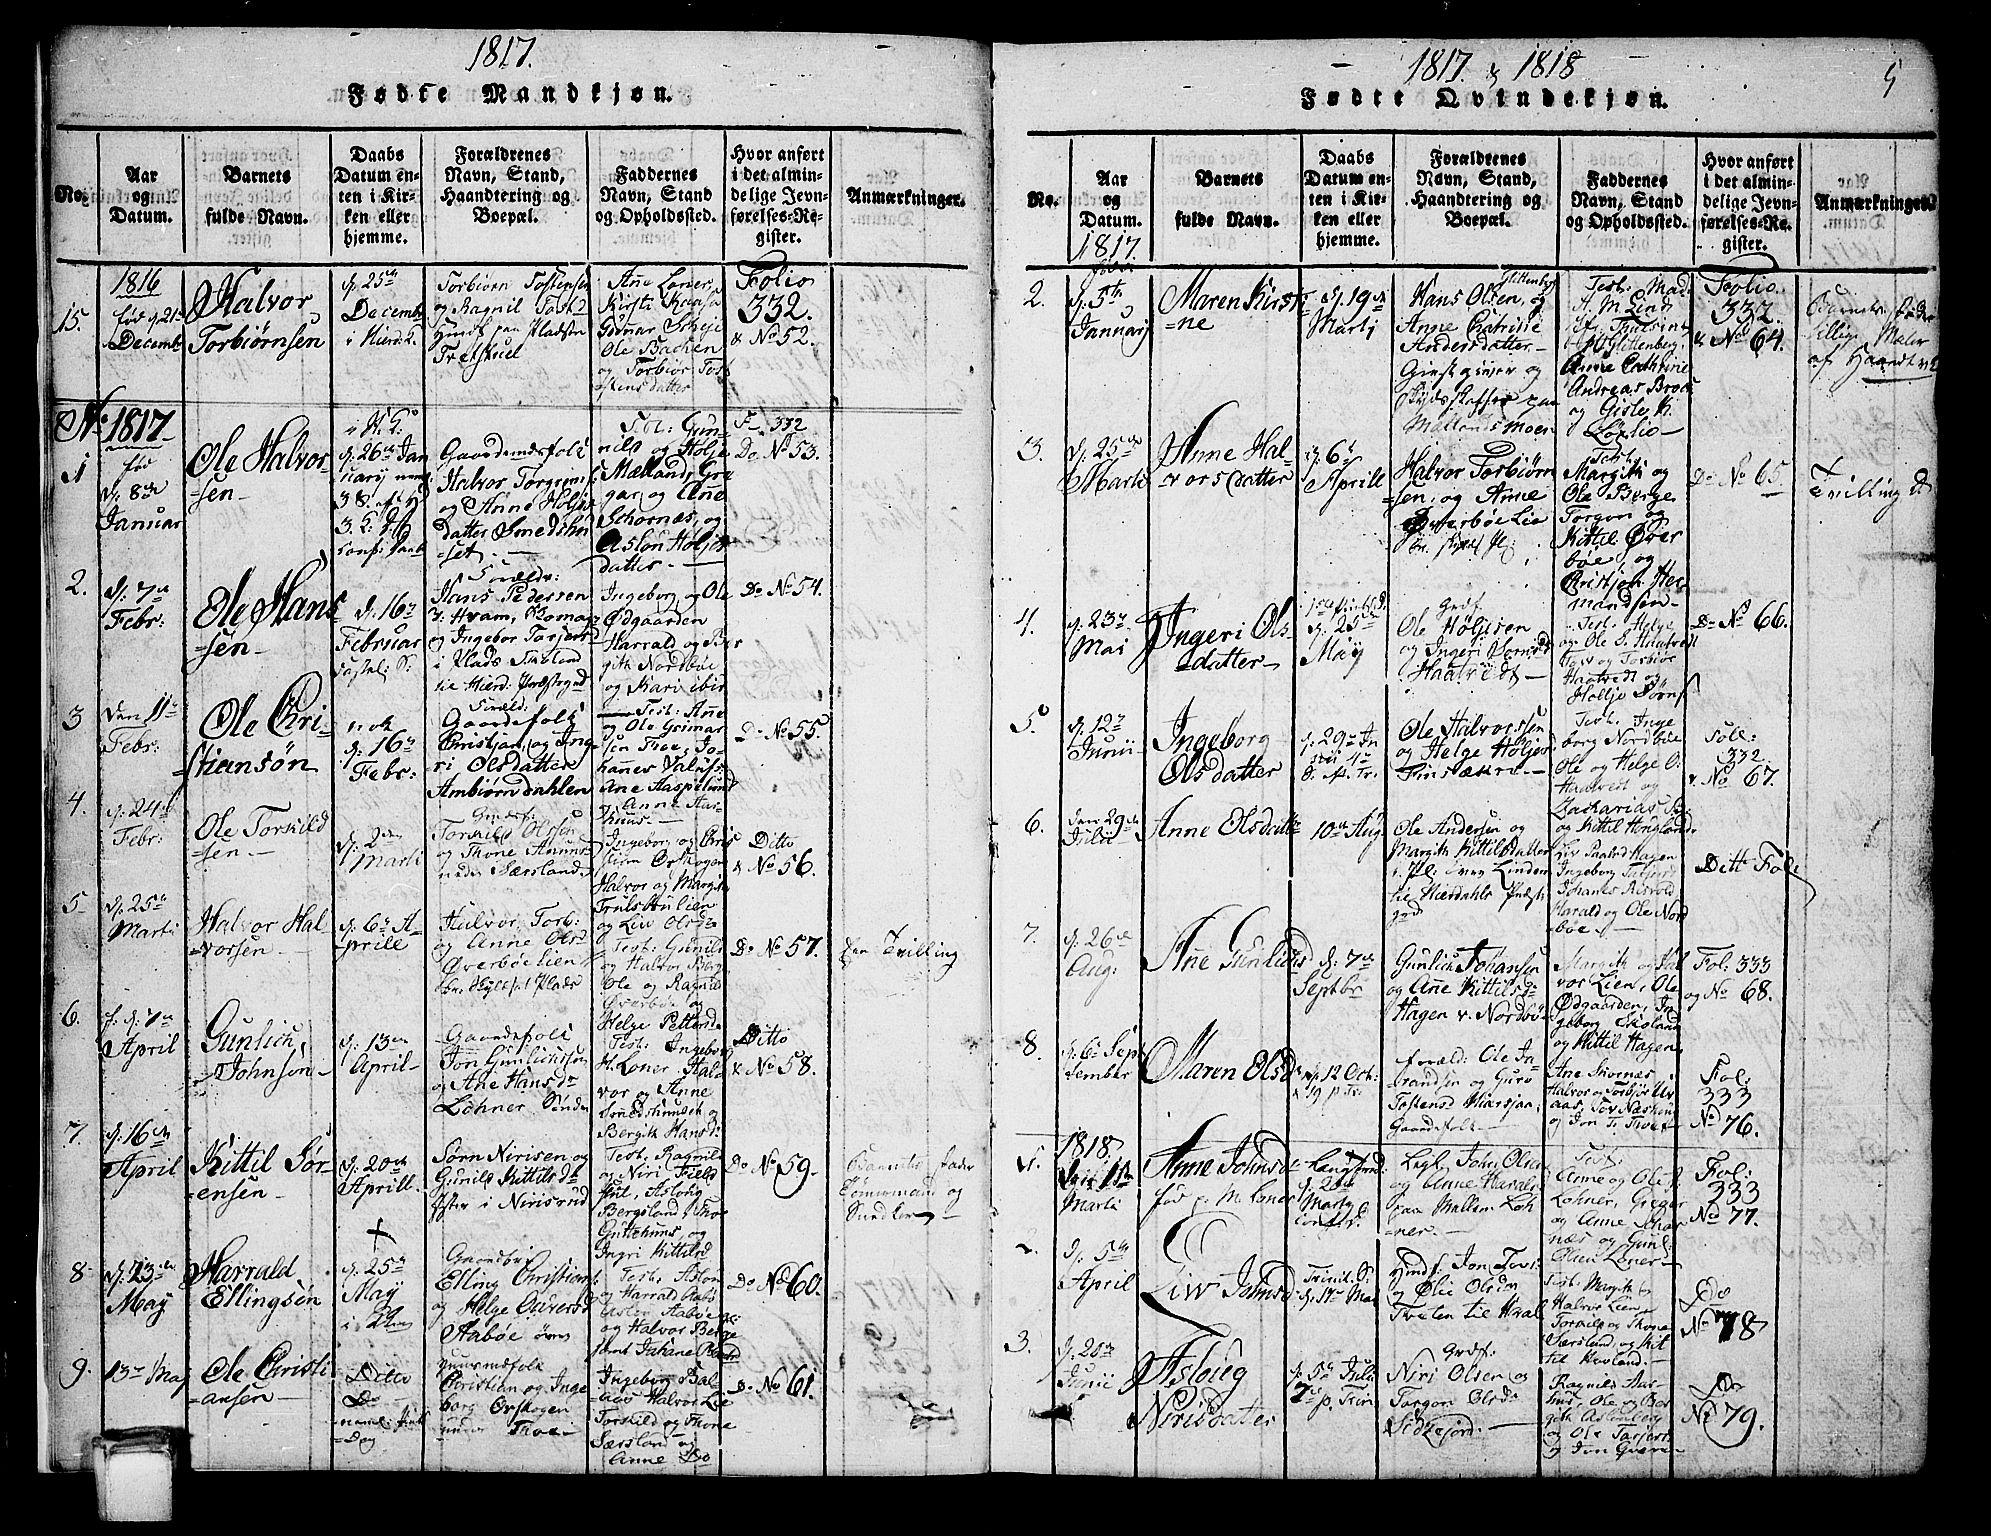 SAKO, Hjartdal kirkebøker, G/Ga/L0001: Klokkerbok nr. I 1, 1815-1842, s. 5